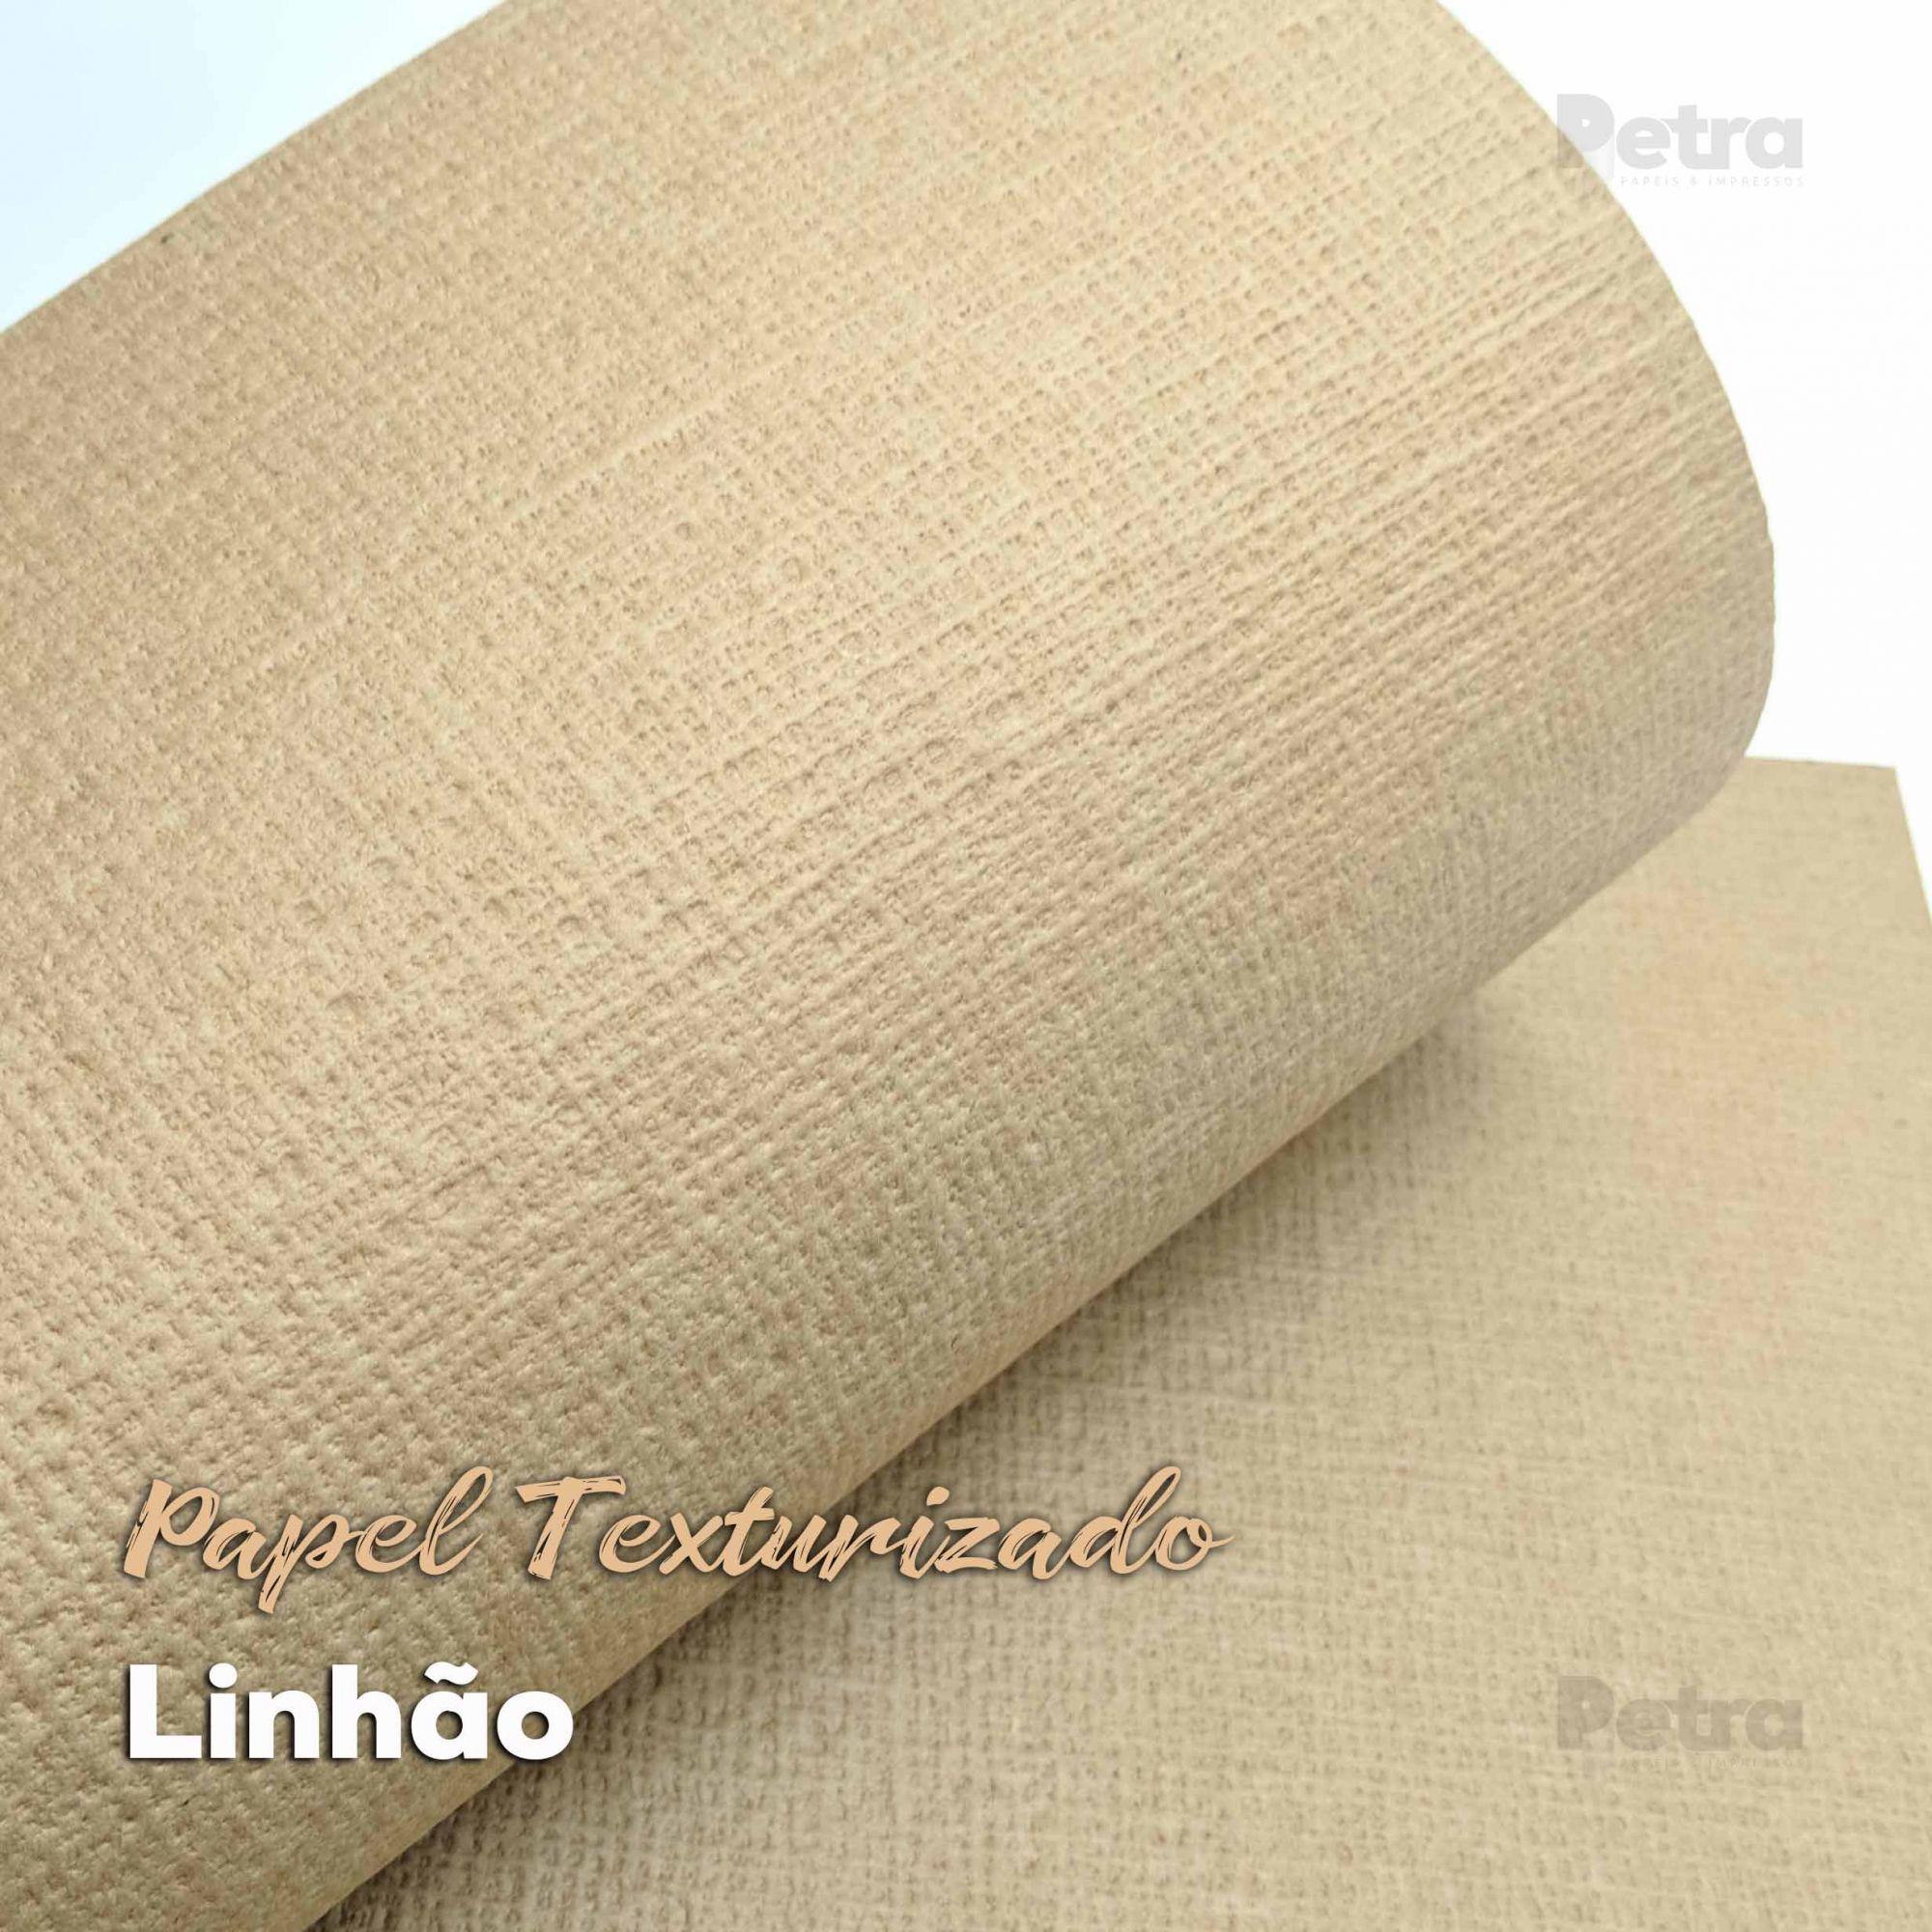 Papel Kraft com textura Linho ( Linhão)  300g/m2 - Tamanho 30,5x30,5cm - 6 Folhas